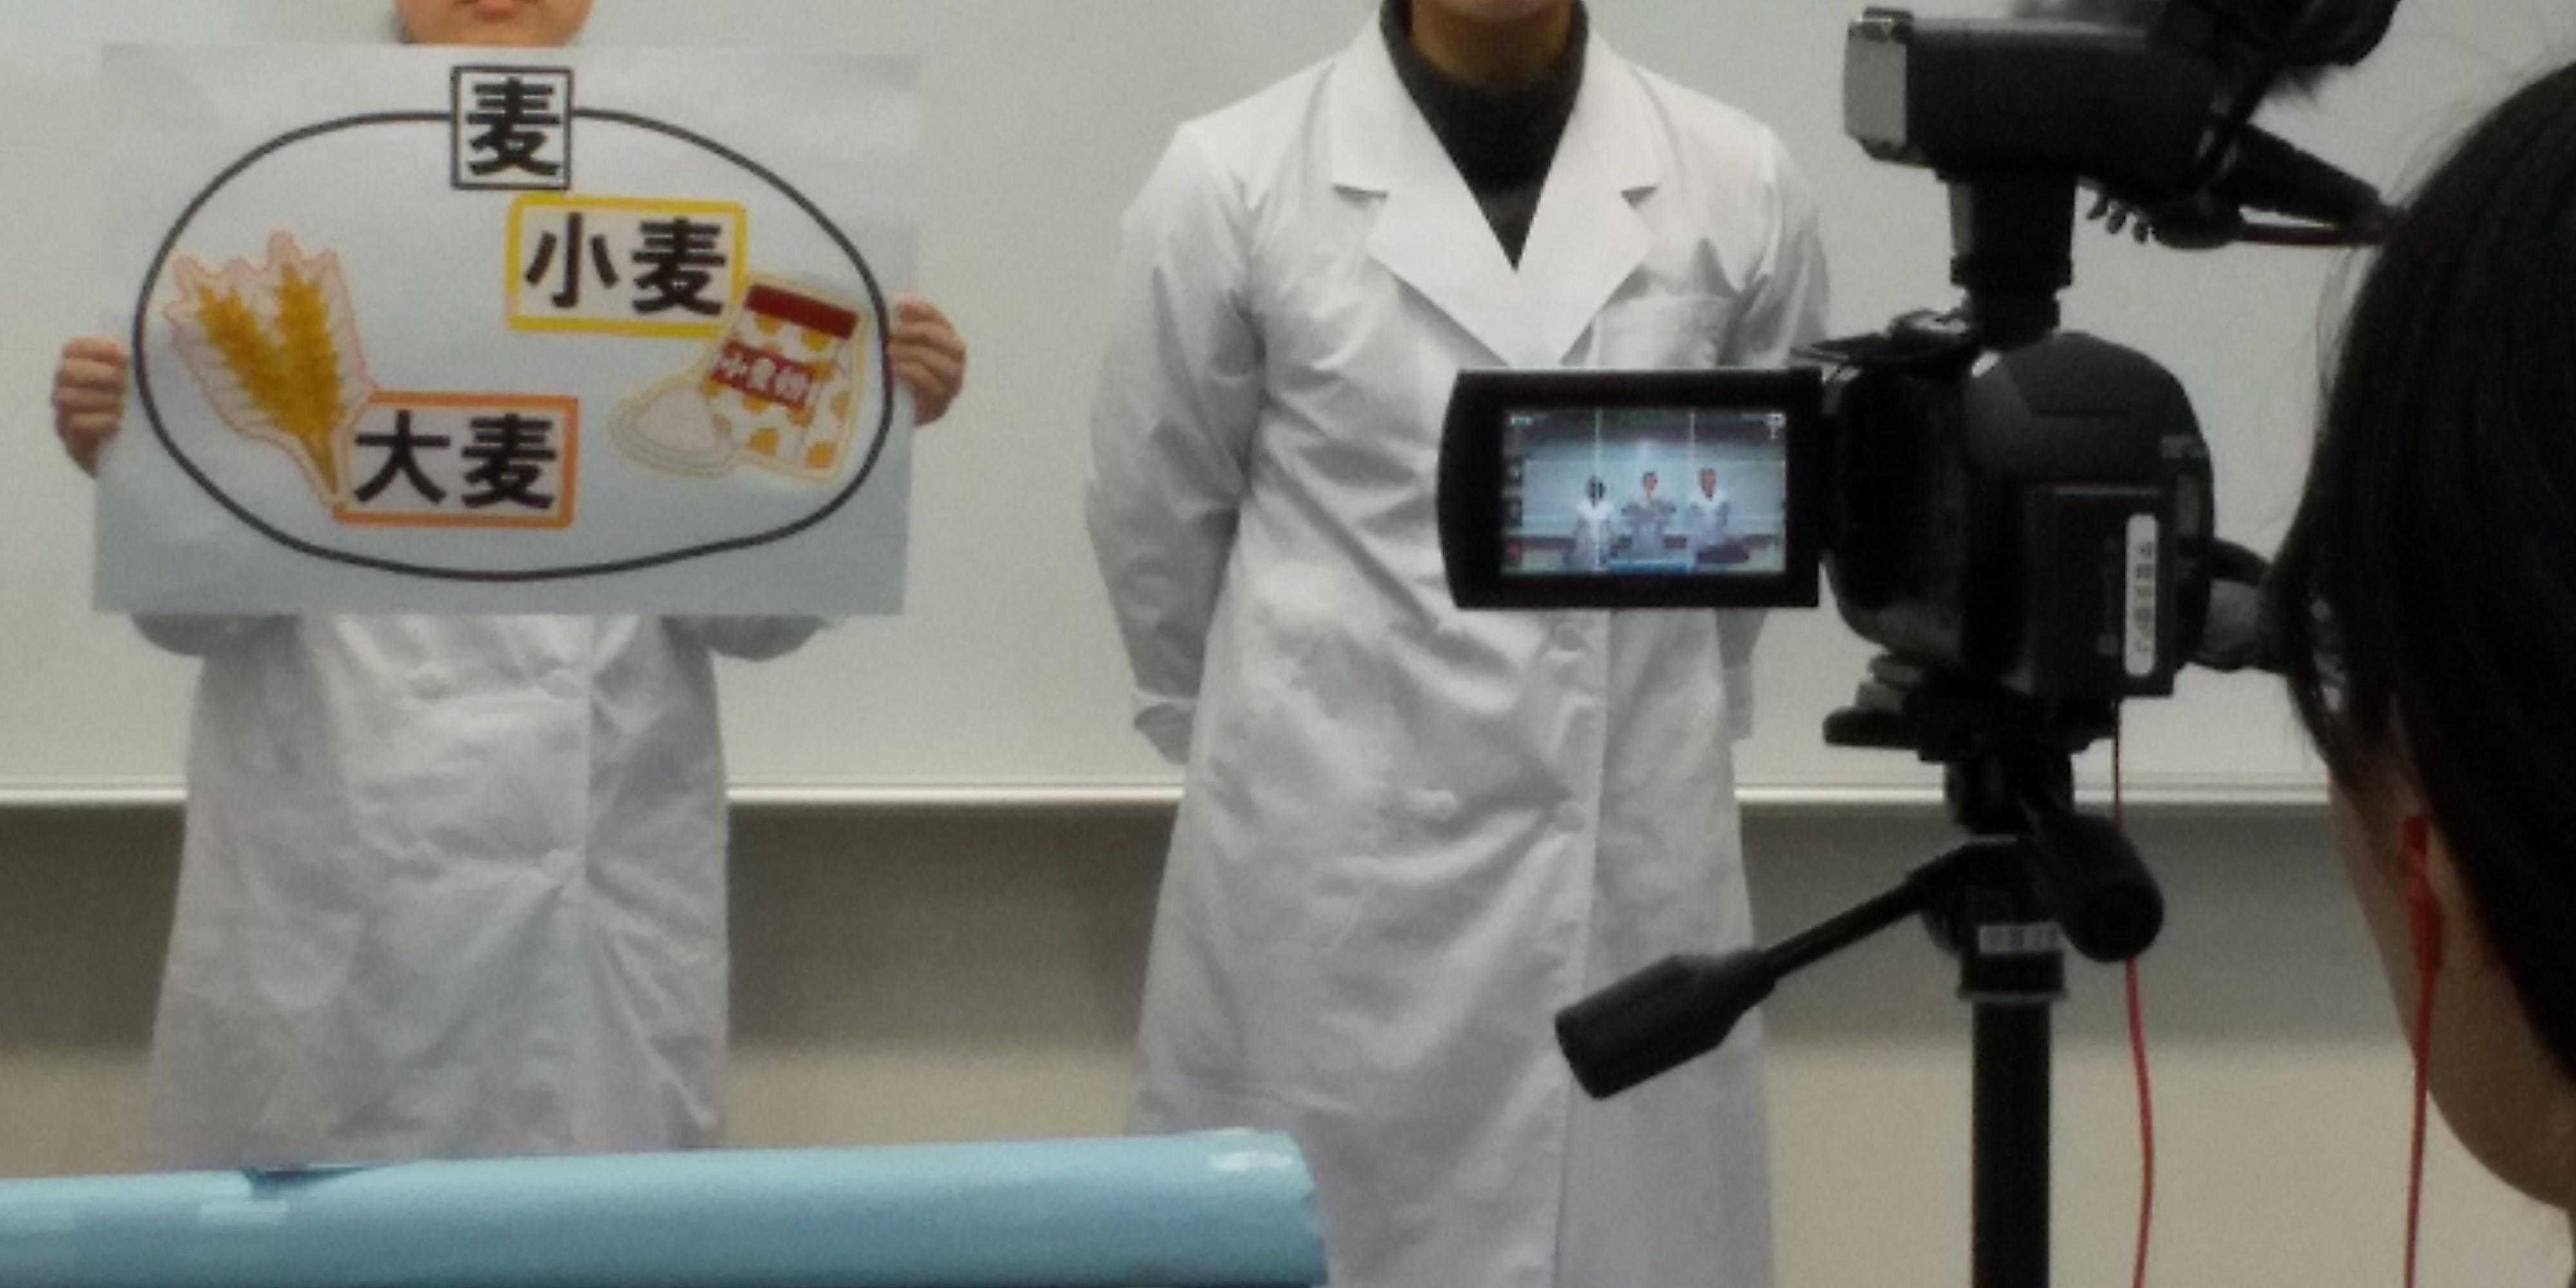 共立女子大学 家政学部 食物栄養学科 管理栄養士専攻の学生と福井市とのコラボレーションで新しい学校給食献立が誕生! -- 学生と児童との食育交流も実現 --